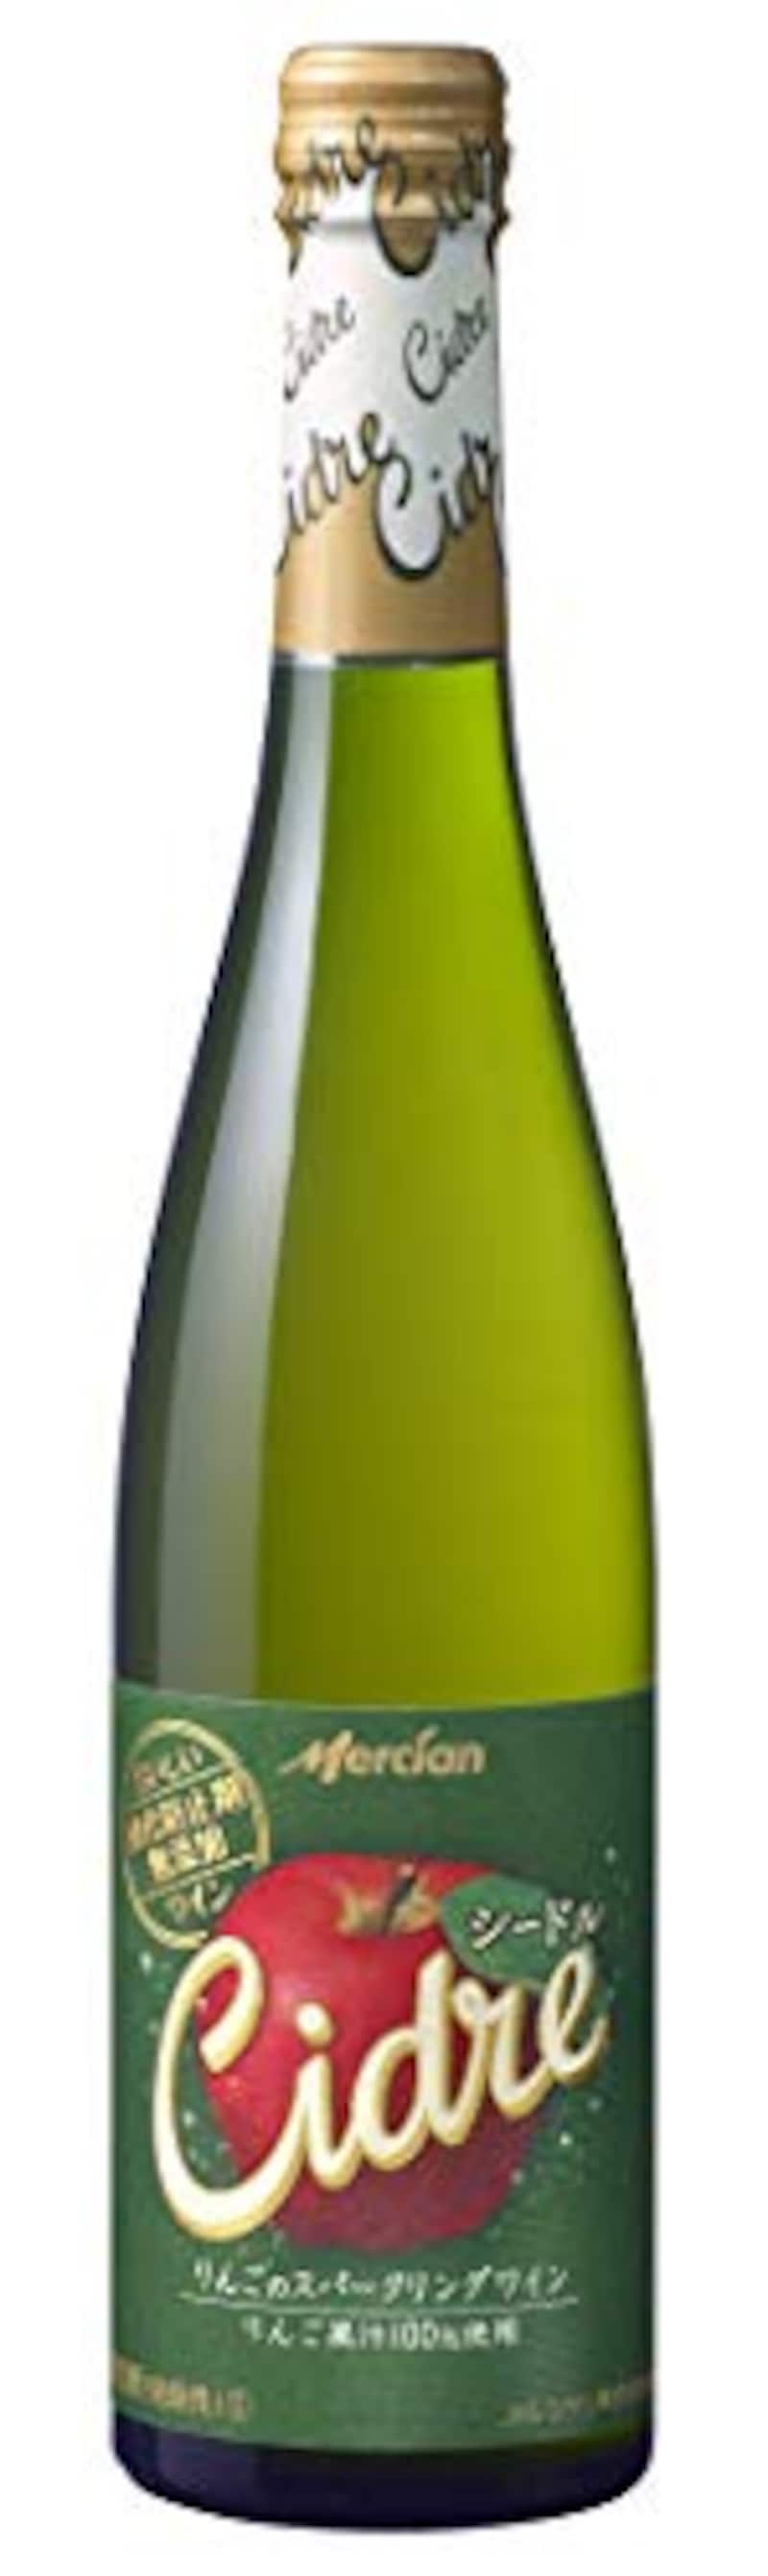 メルシャン,おいしい酸化防止剤無添加ワイン シードル